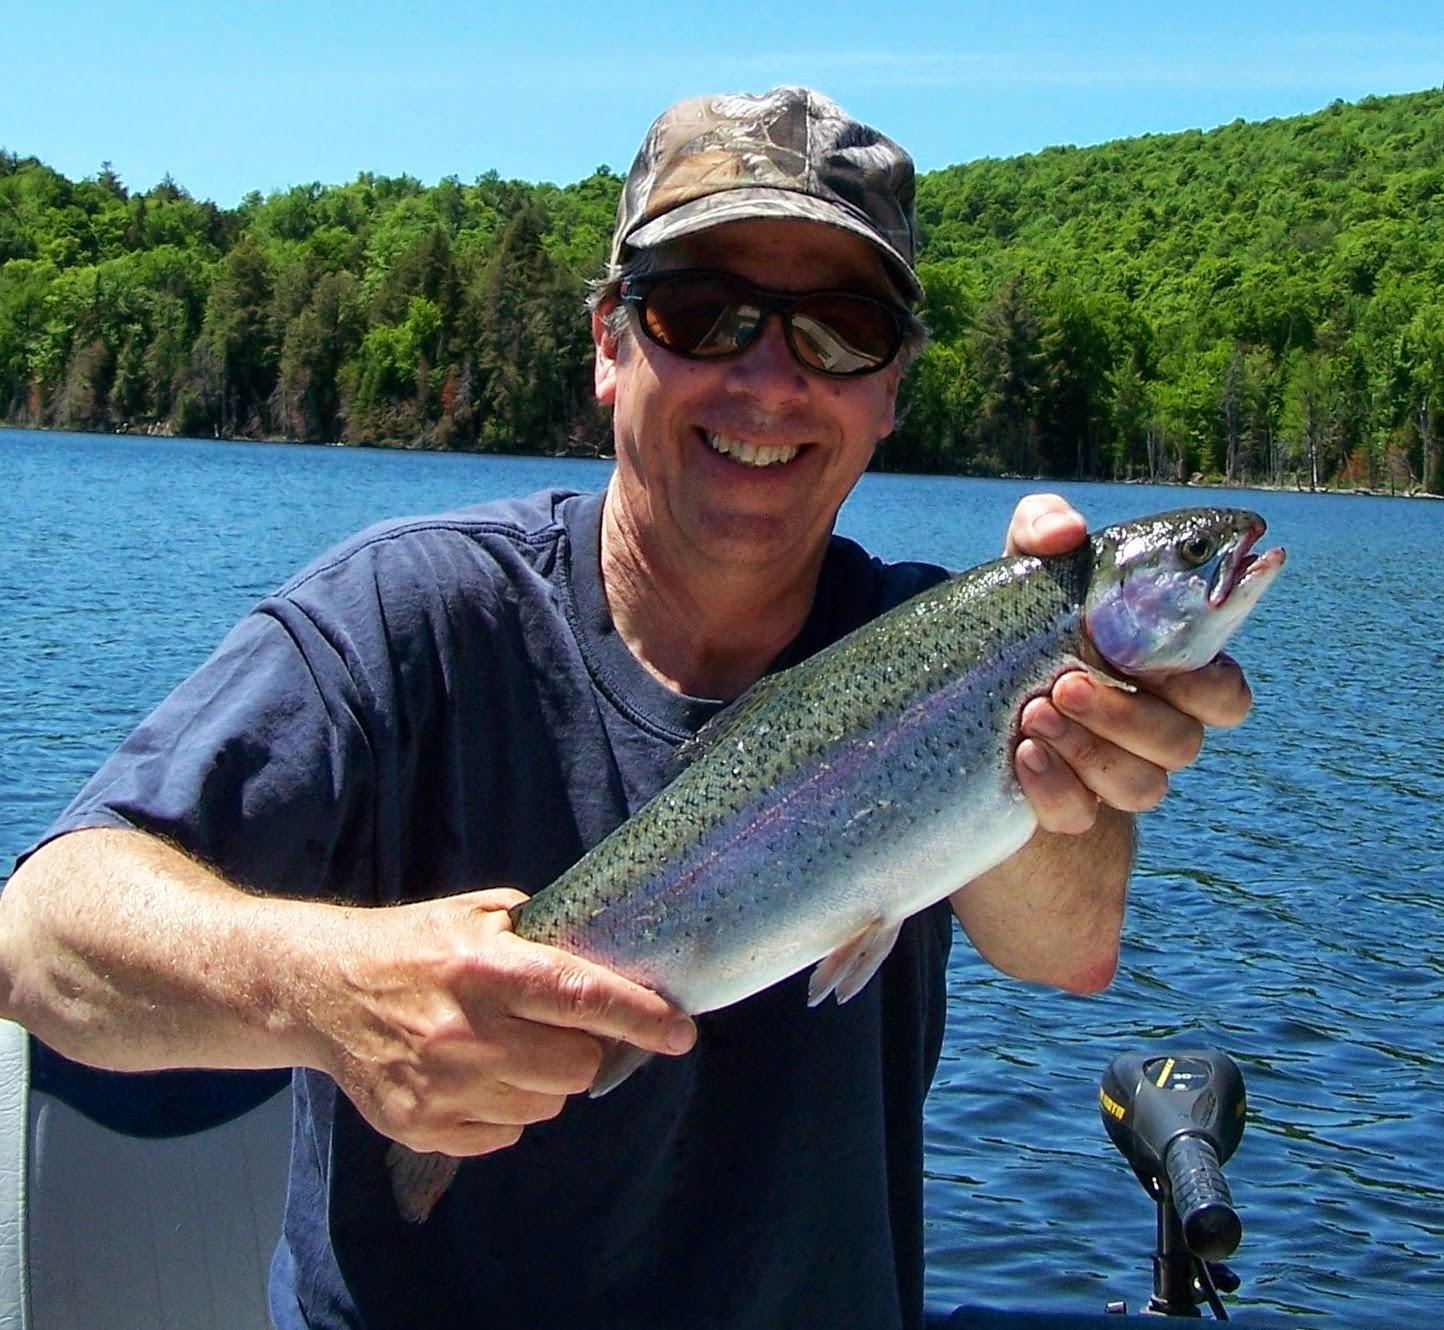 pêche truite, pêche mouchetée, pêche arc-en-ciel, Daniel Lefaivre, parlons pêche, blogue sur la pêche